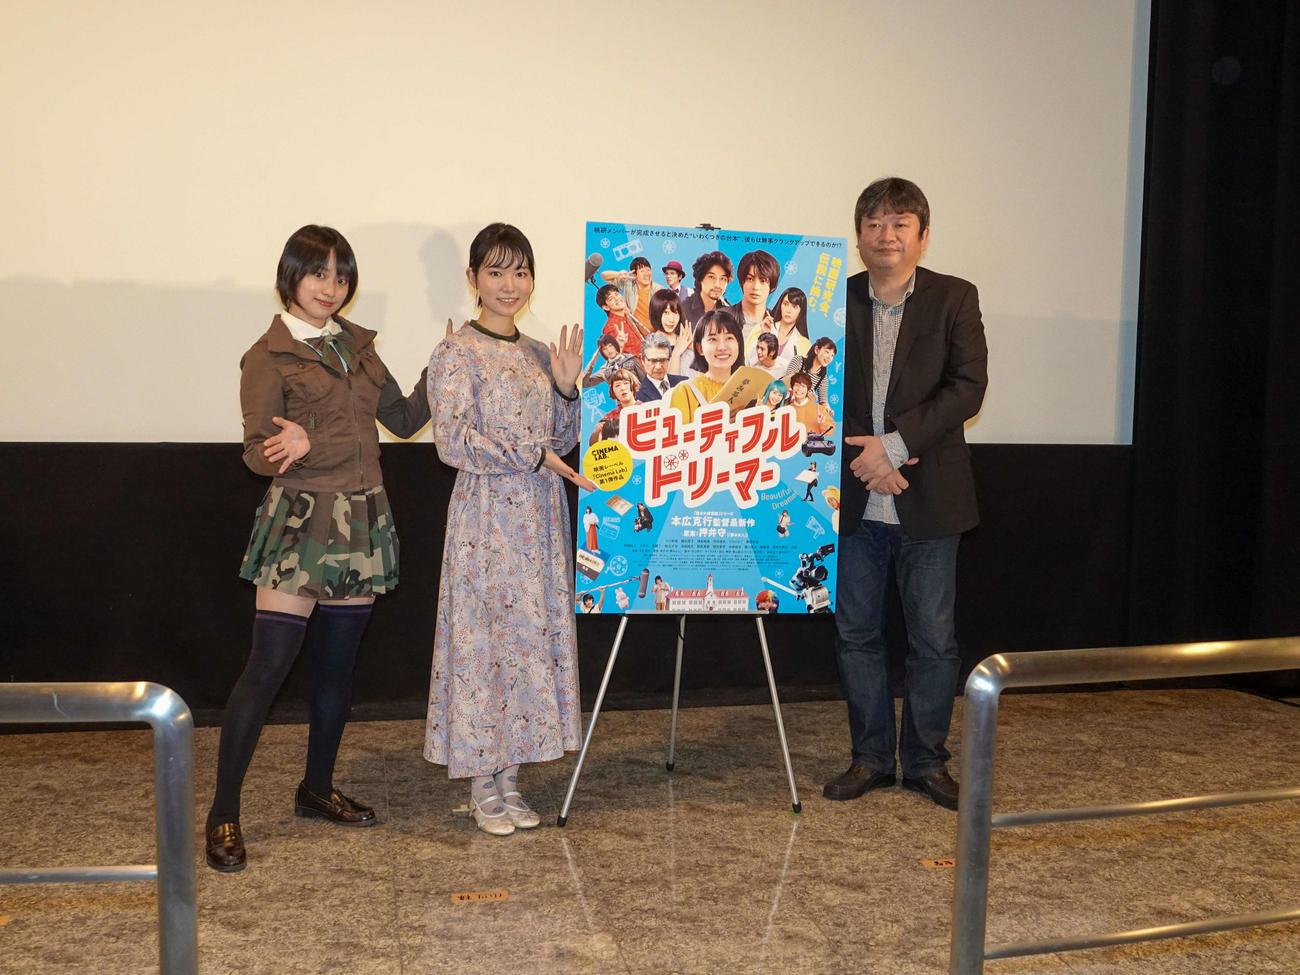 舞台あいさつを行った左から、かざり、小川紗良、本広克行監督